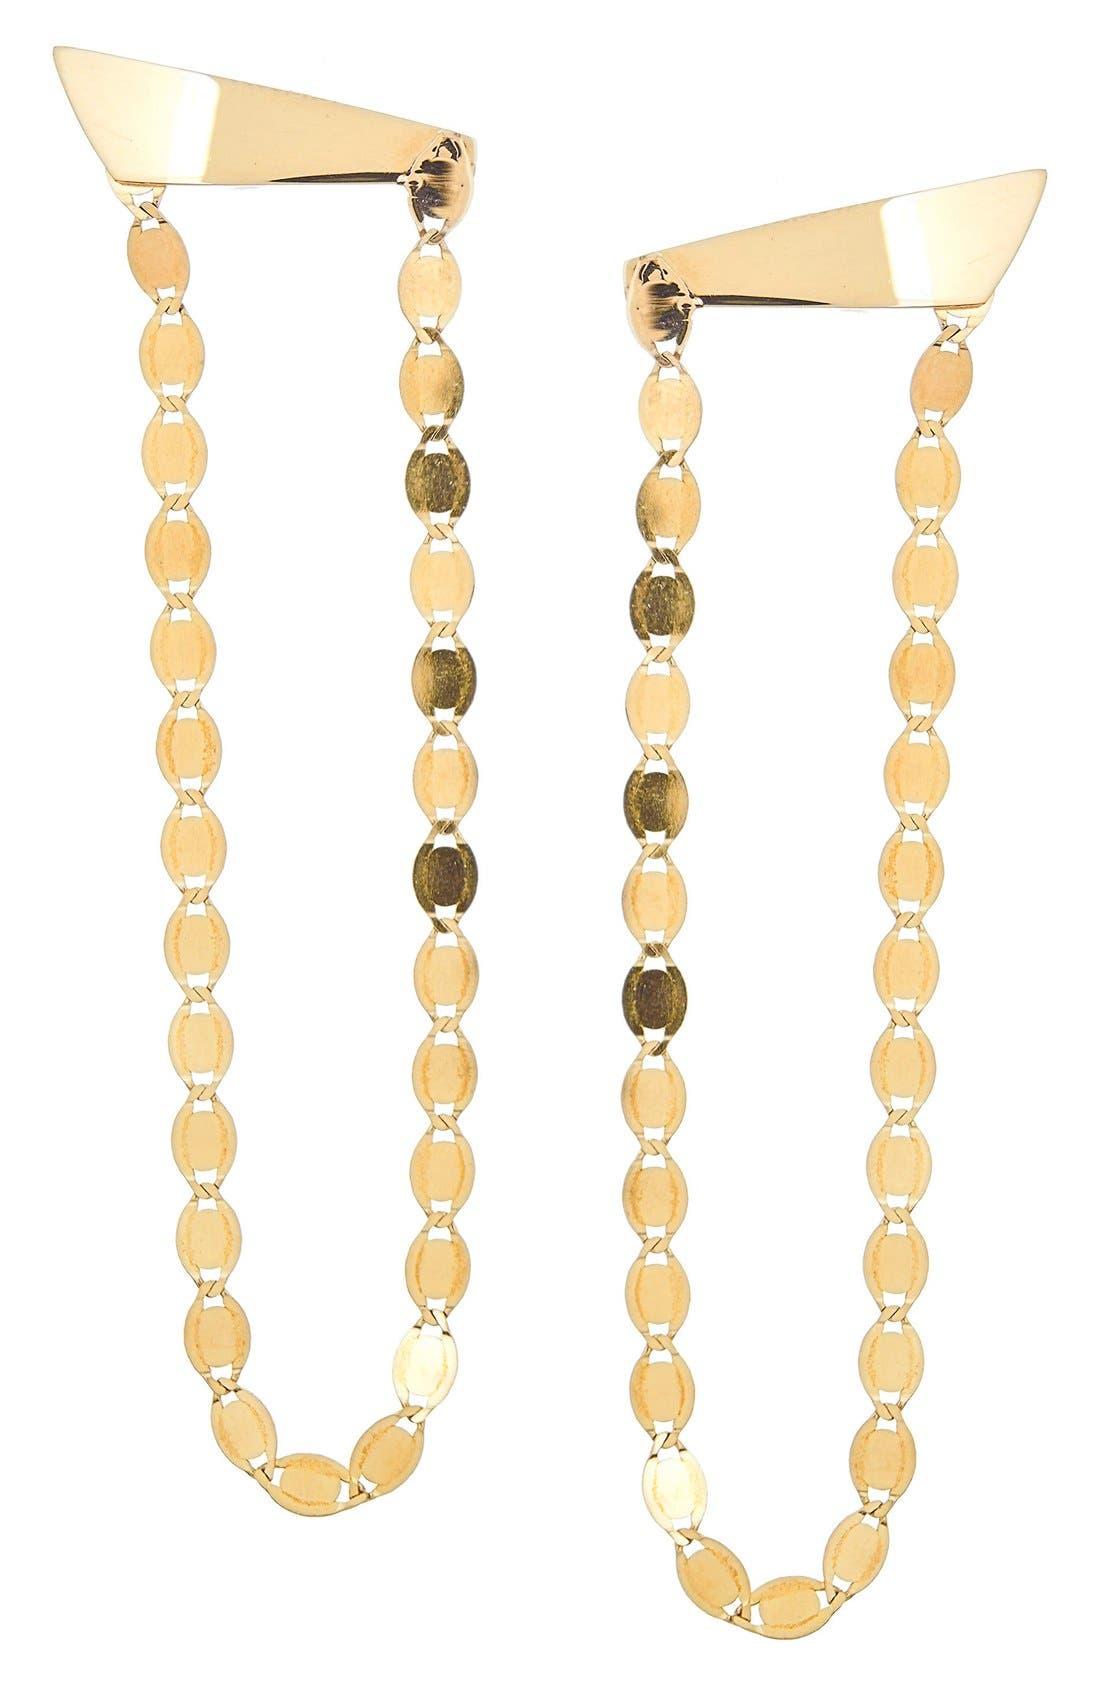 Main Image - Lana Jewelry 'Long Nude' Chandelier Earrings